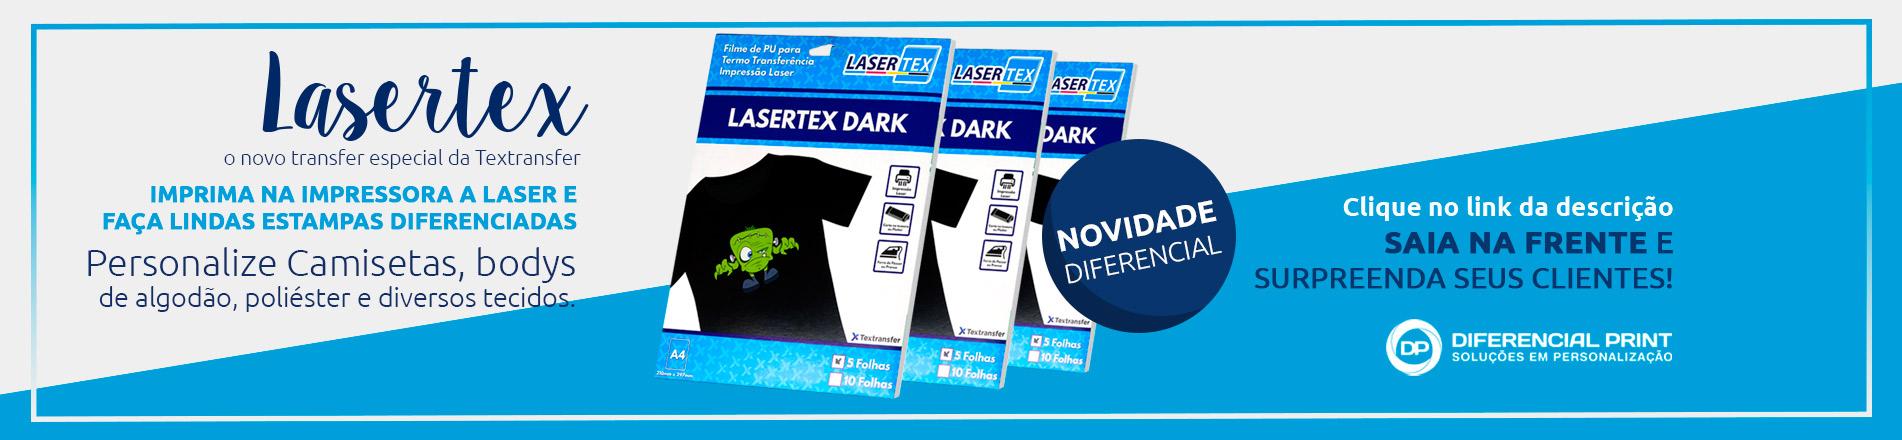 LaserTex